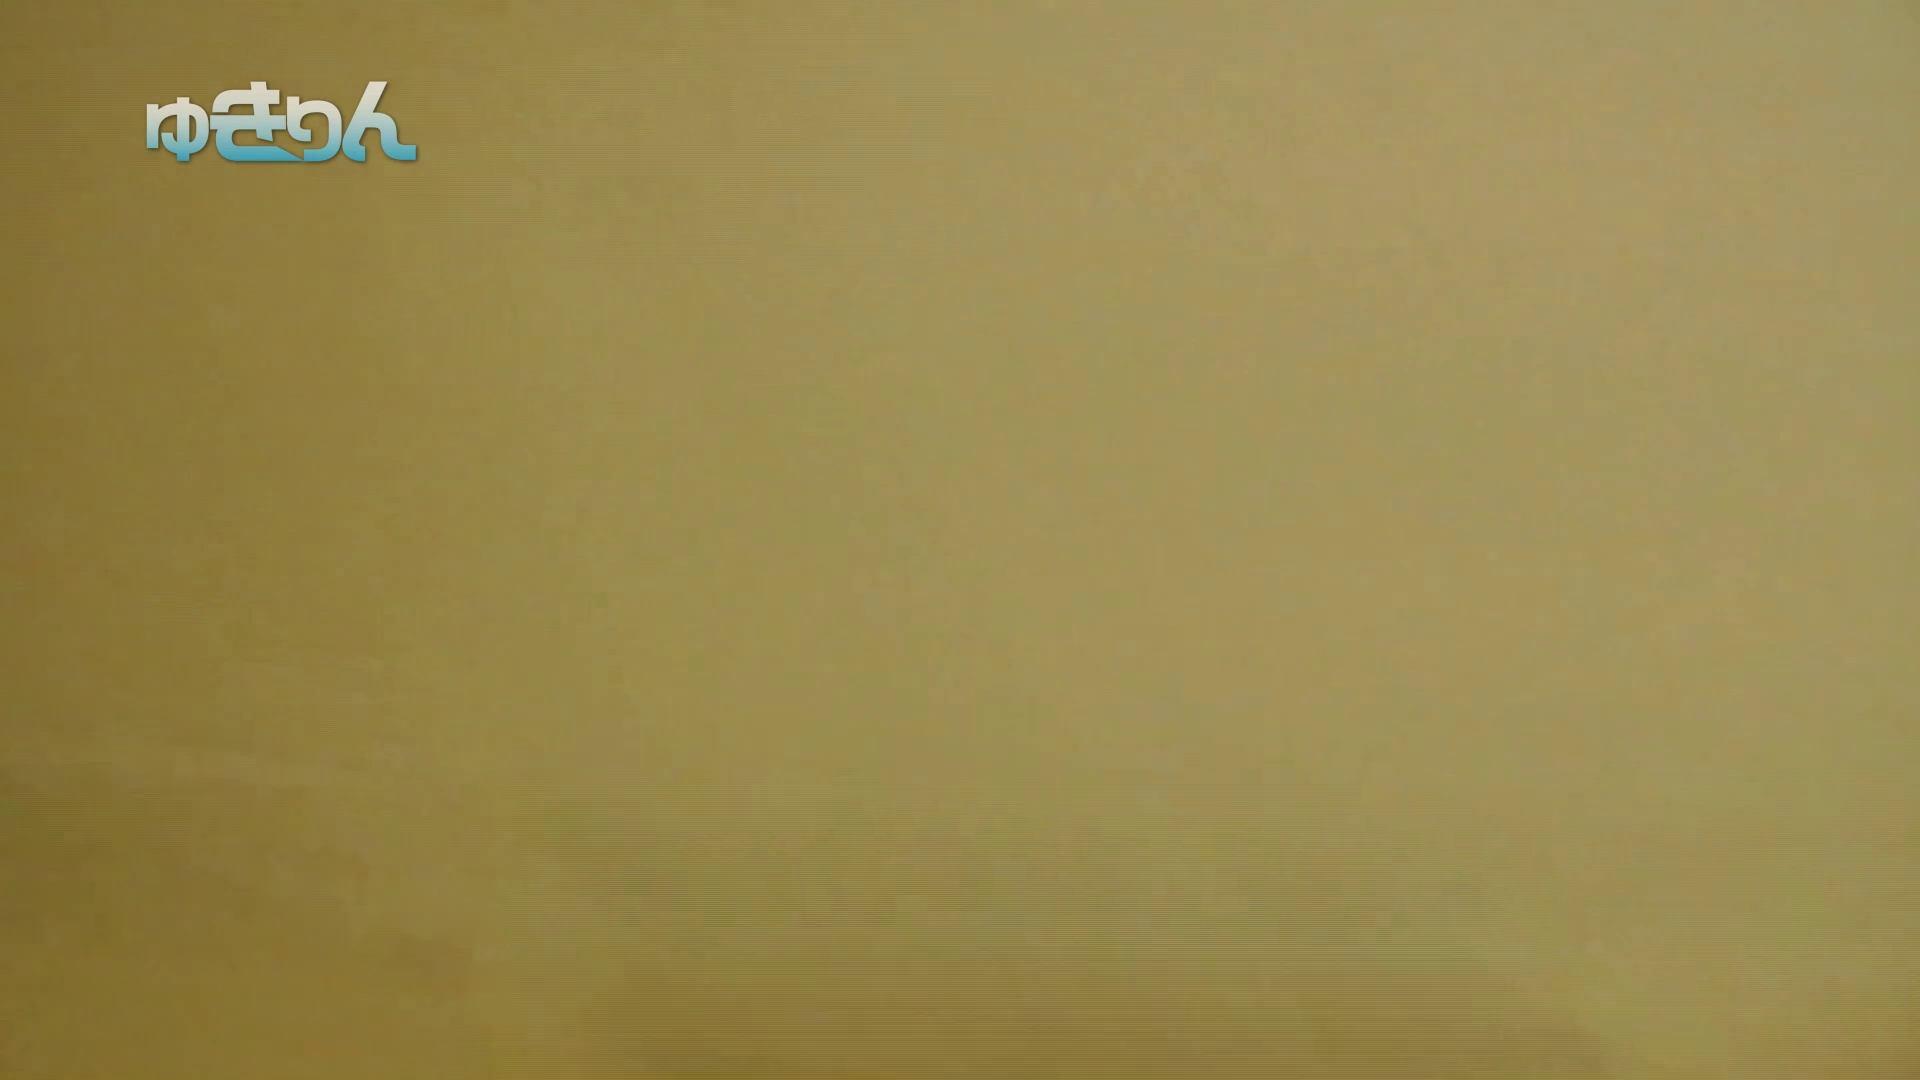 新世界の射窓 無料お試し動画02 洗面所  53pic 12